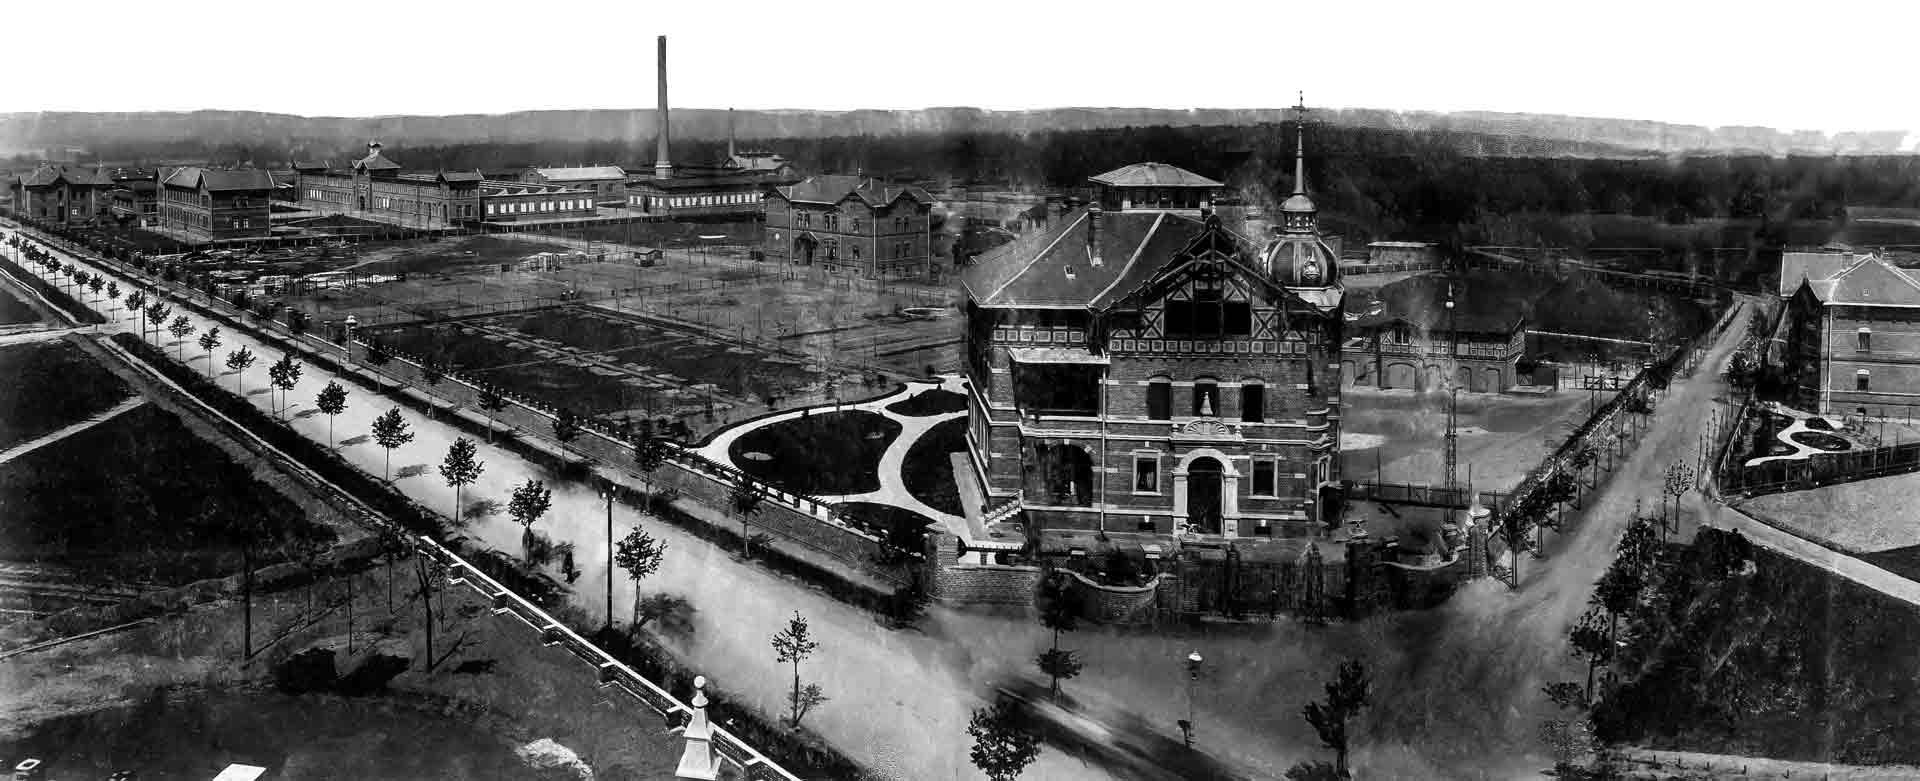 Die Königlichen Werke beschäftigten tausende Arbeitskräfte. Nach der Schließung des Preu- ßisch-Königlichen Feuerwerks- Laboratoriums 1919 verliert auch Jean Walterscheid seine Arbeit.